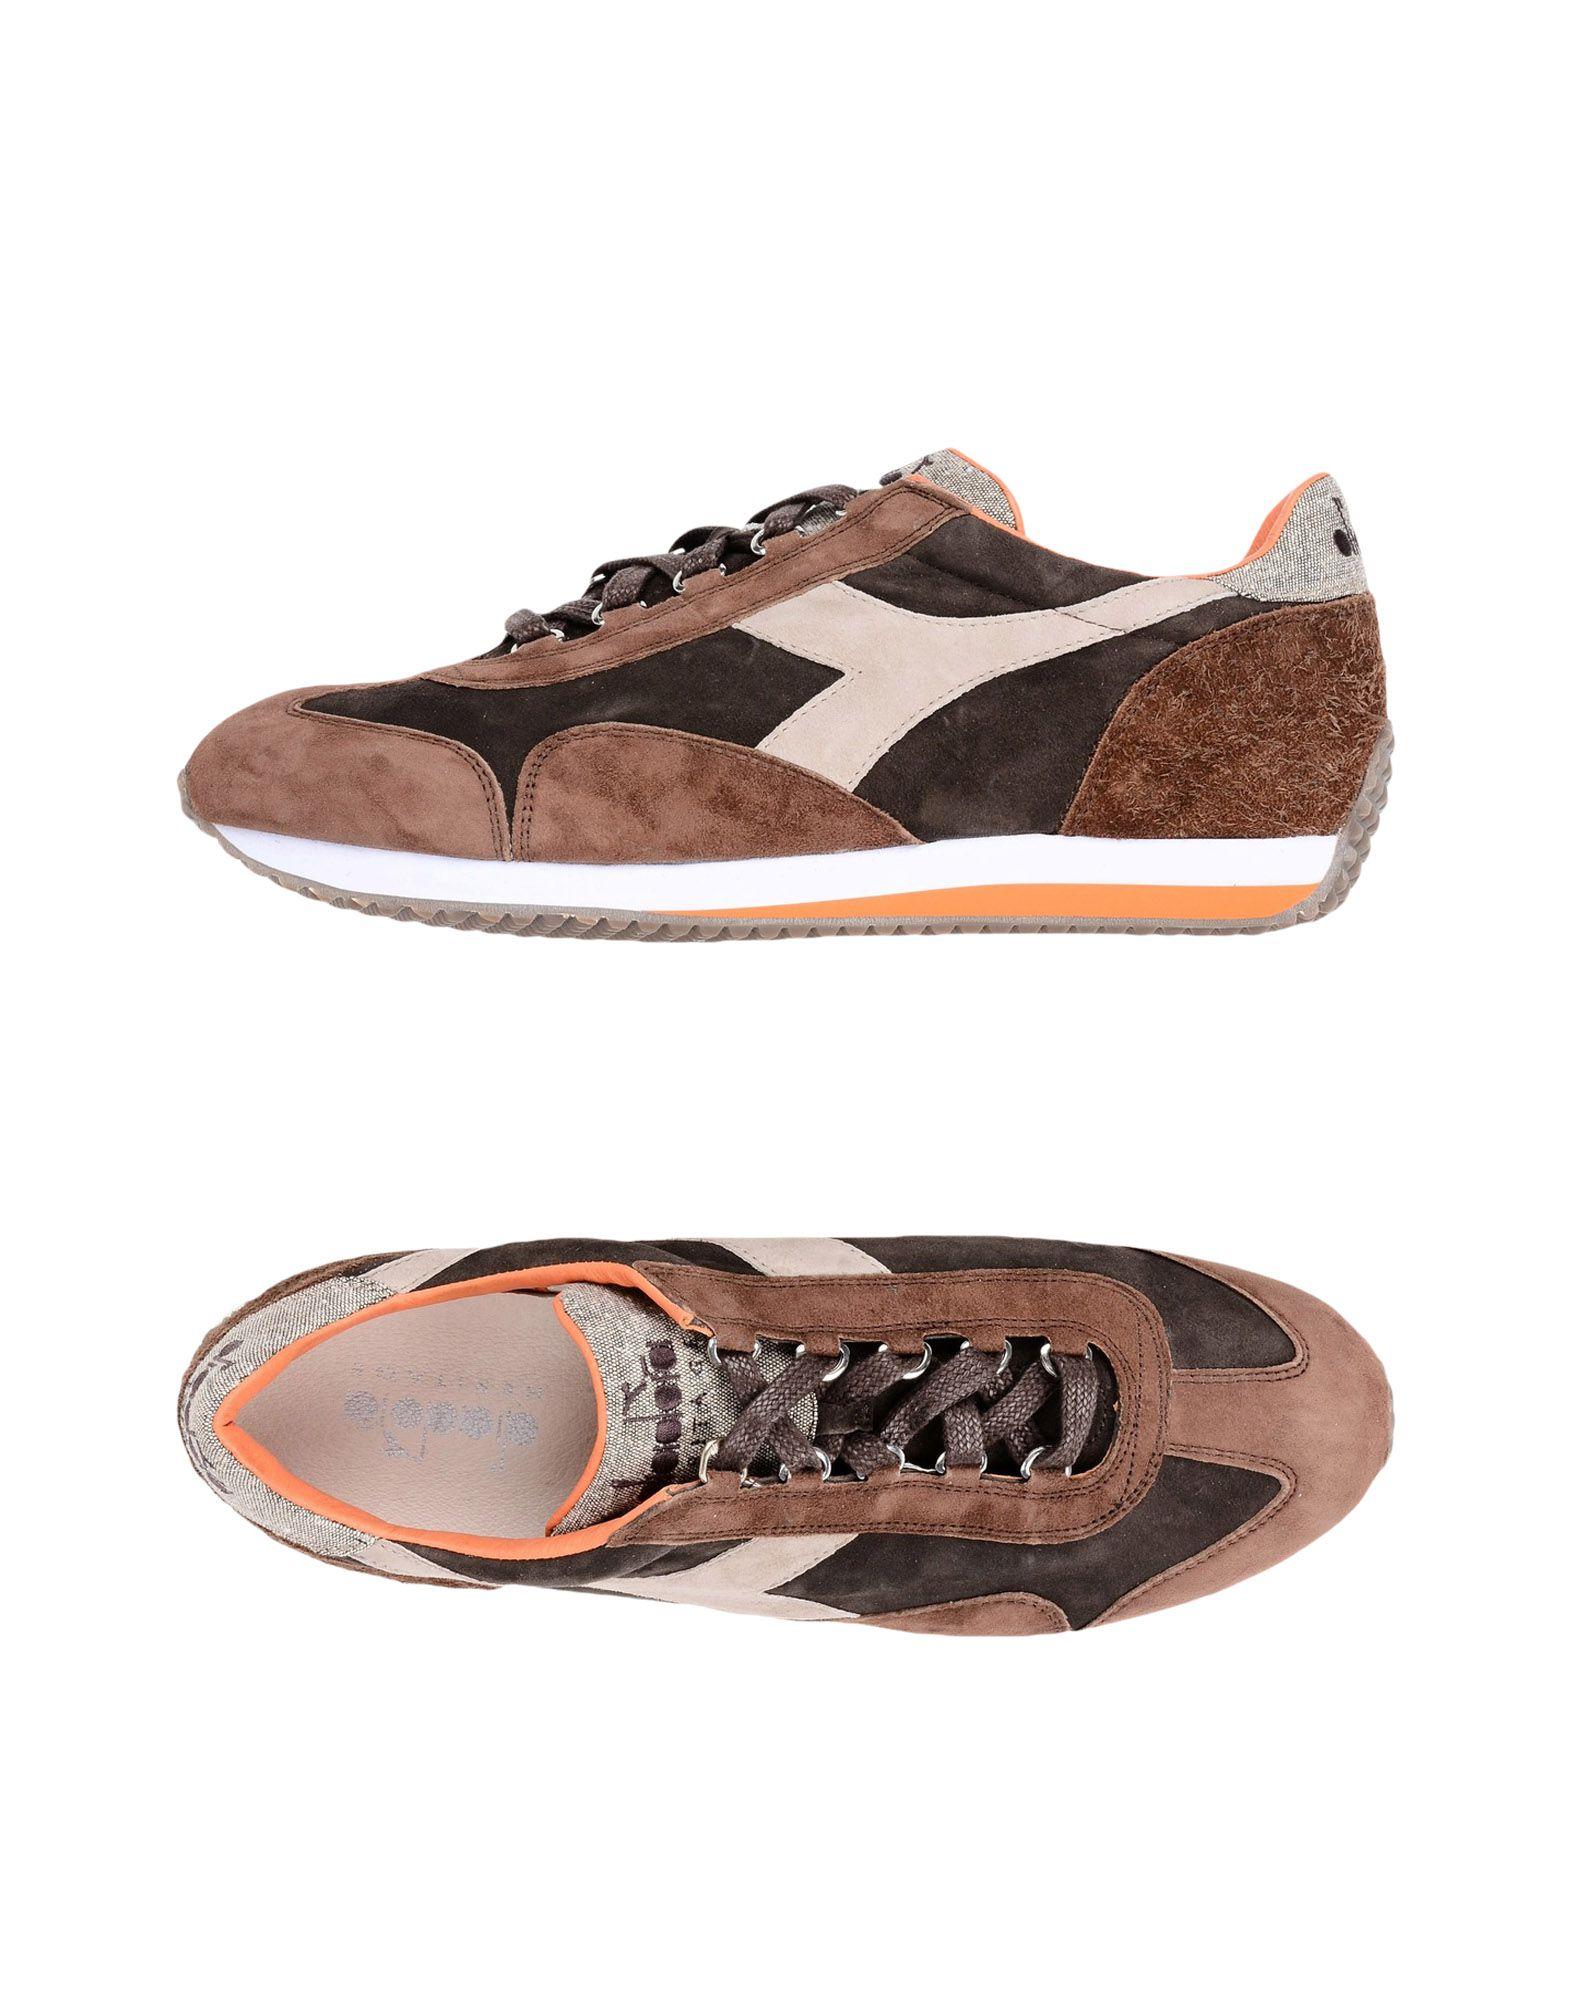 40 40.5 41 42 42.5 43 44 44.5 45 45.5 · DIADORA HERITAGE - Sneakers 8de5373e53c